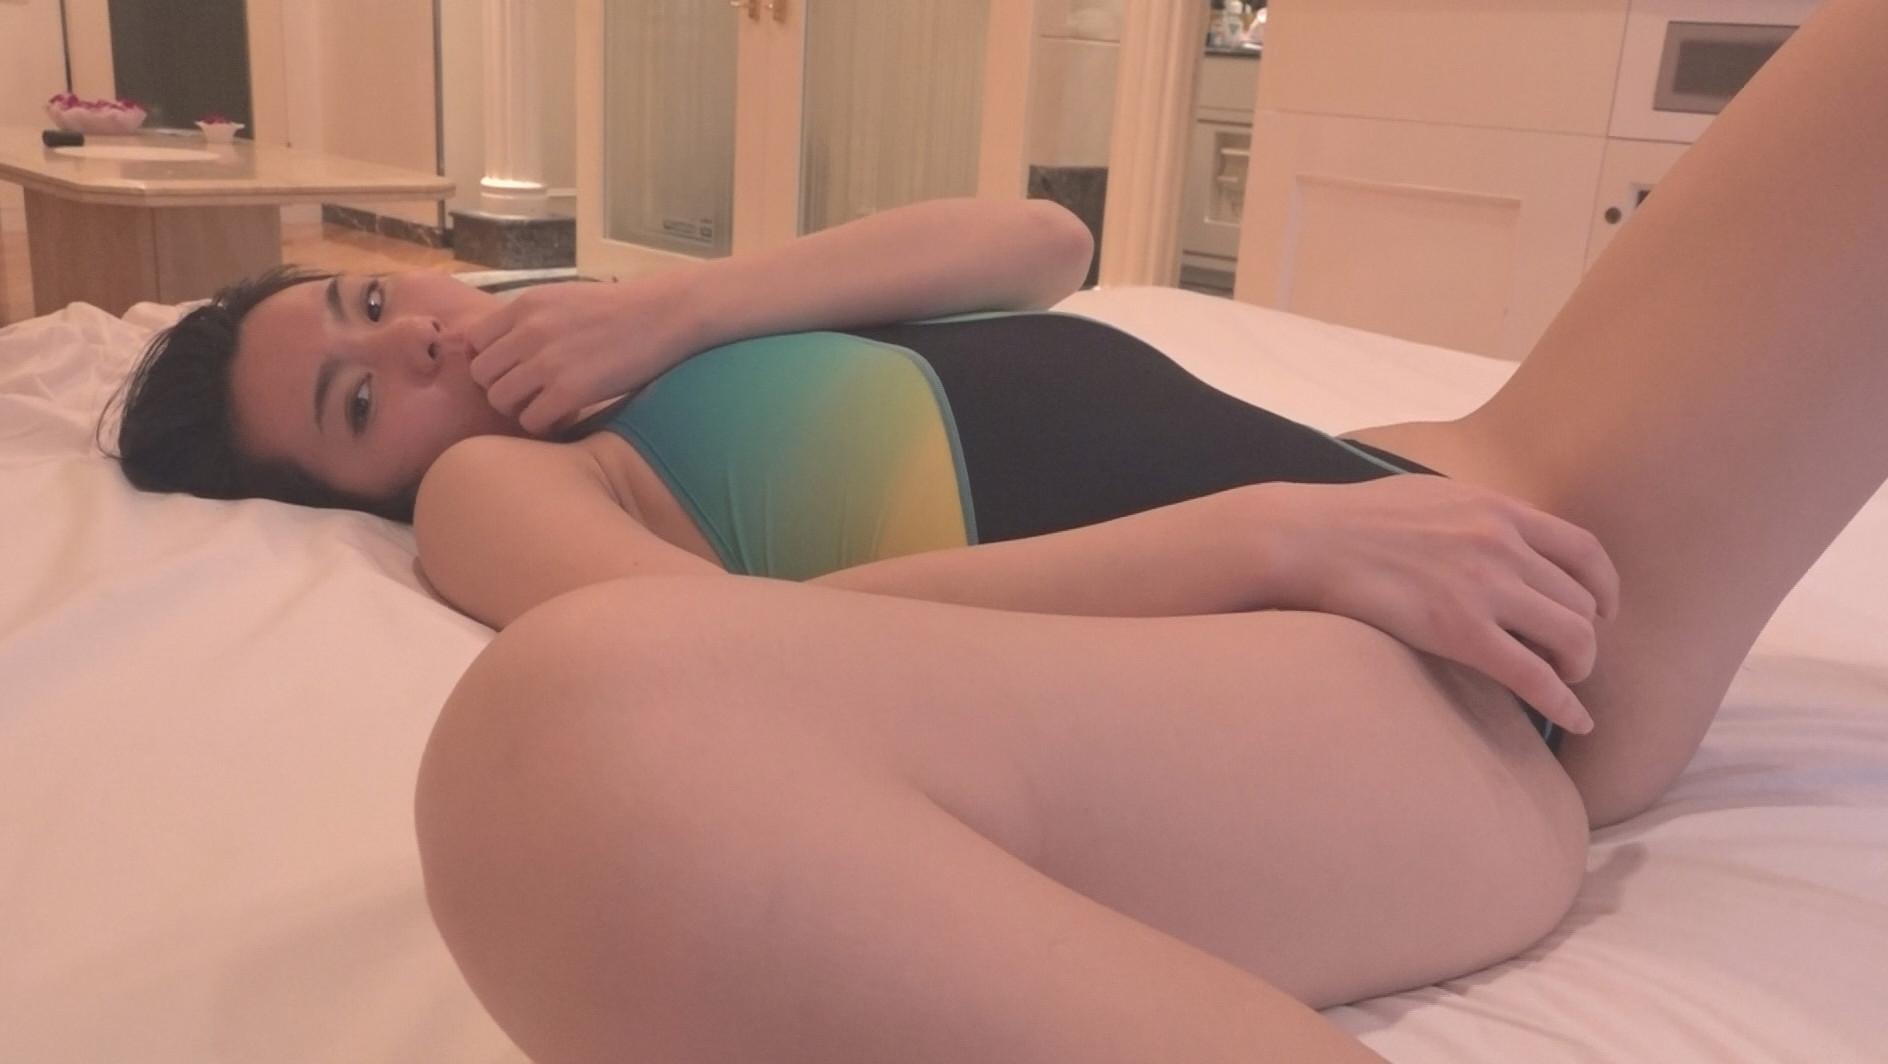 僕の彼女の競泳水着 奈緒24歳 プリケツなスポーツクラブアシスタントインストラクター 1 画像11